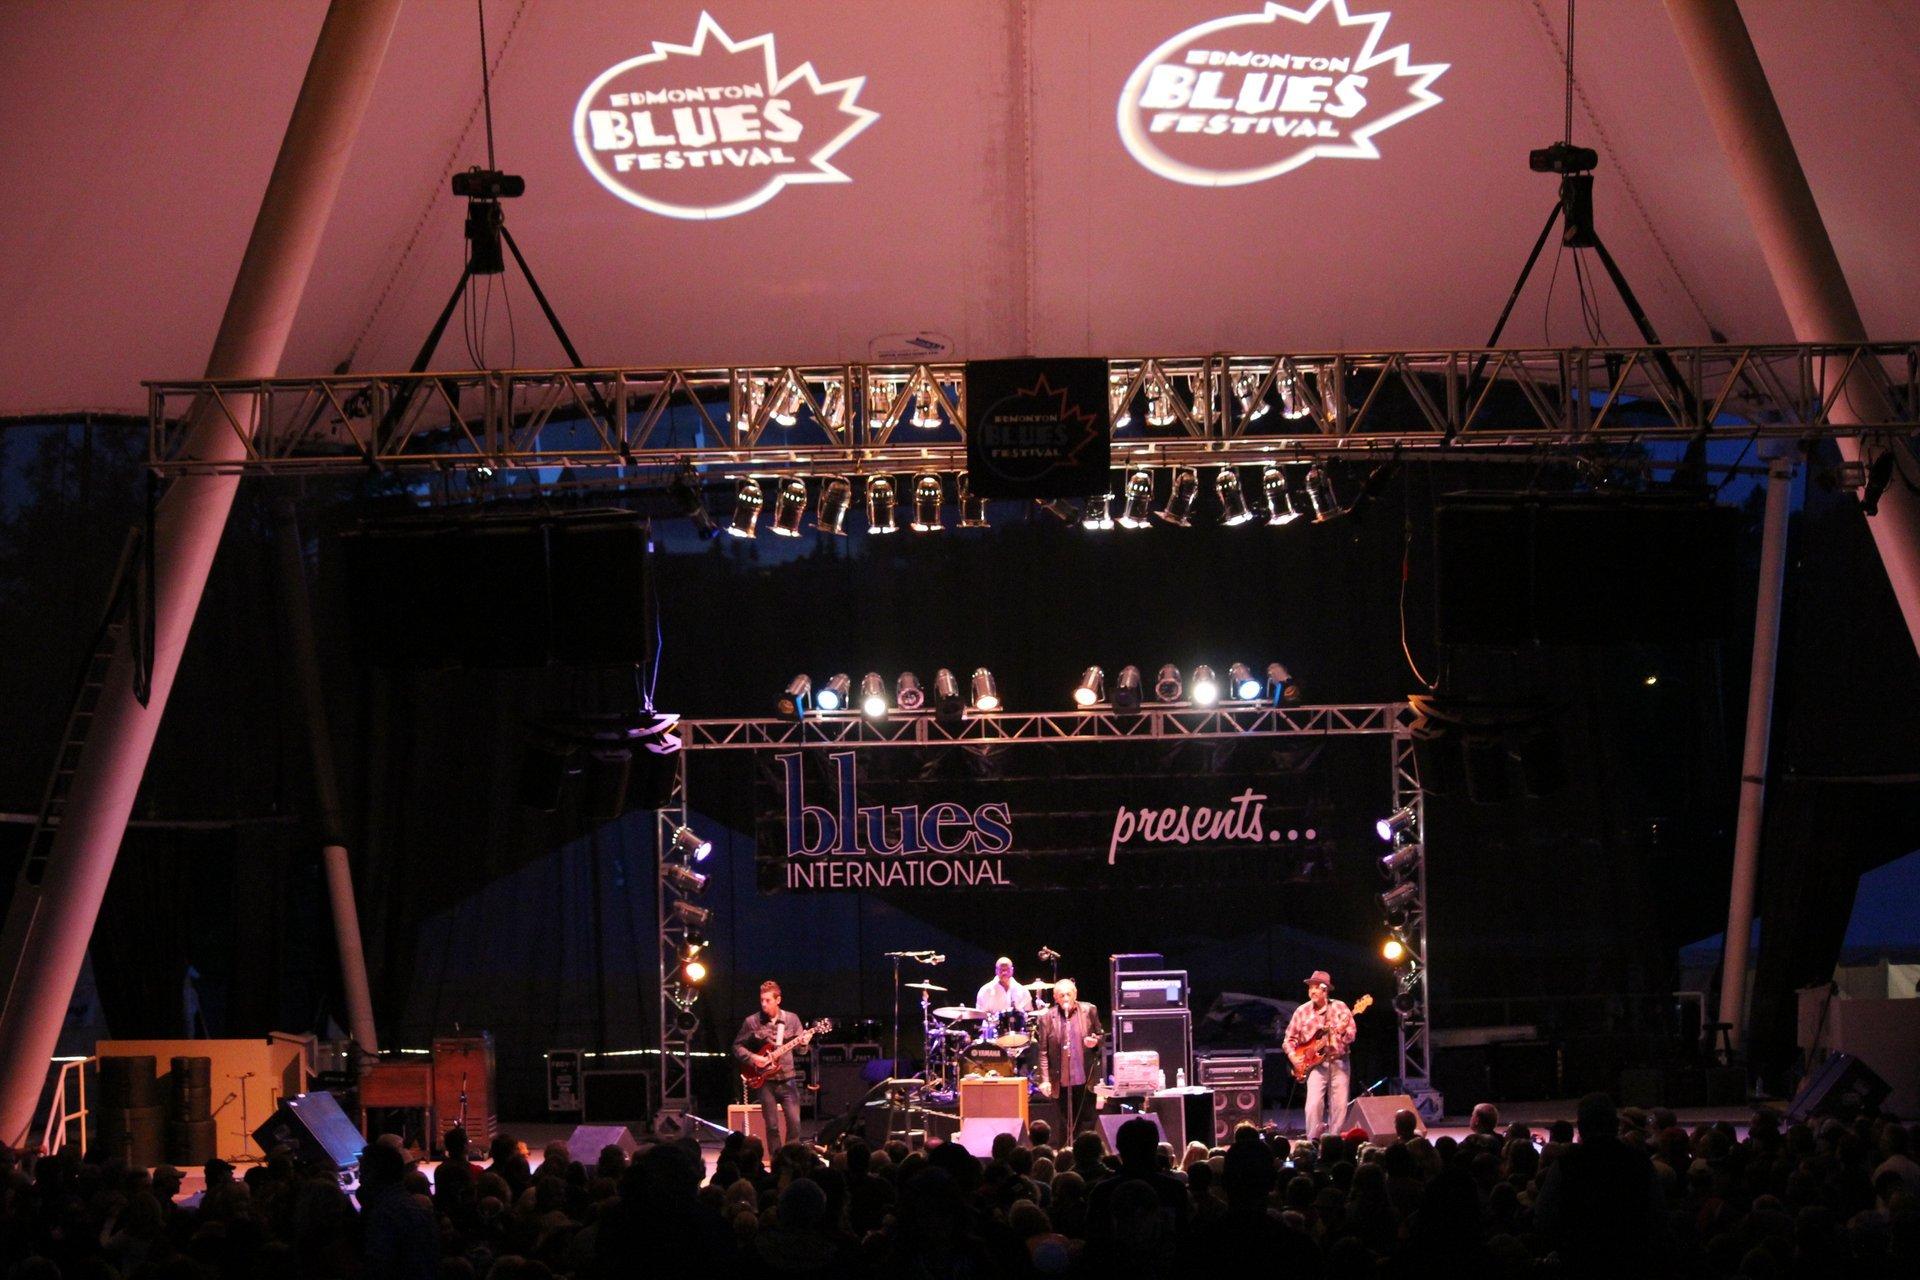 Edmonton Blues Festival in Edmonton 2020 - Best Time